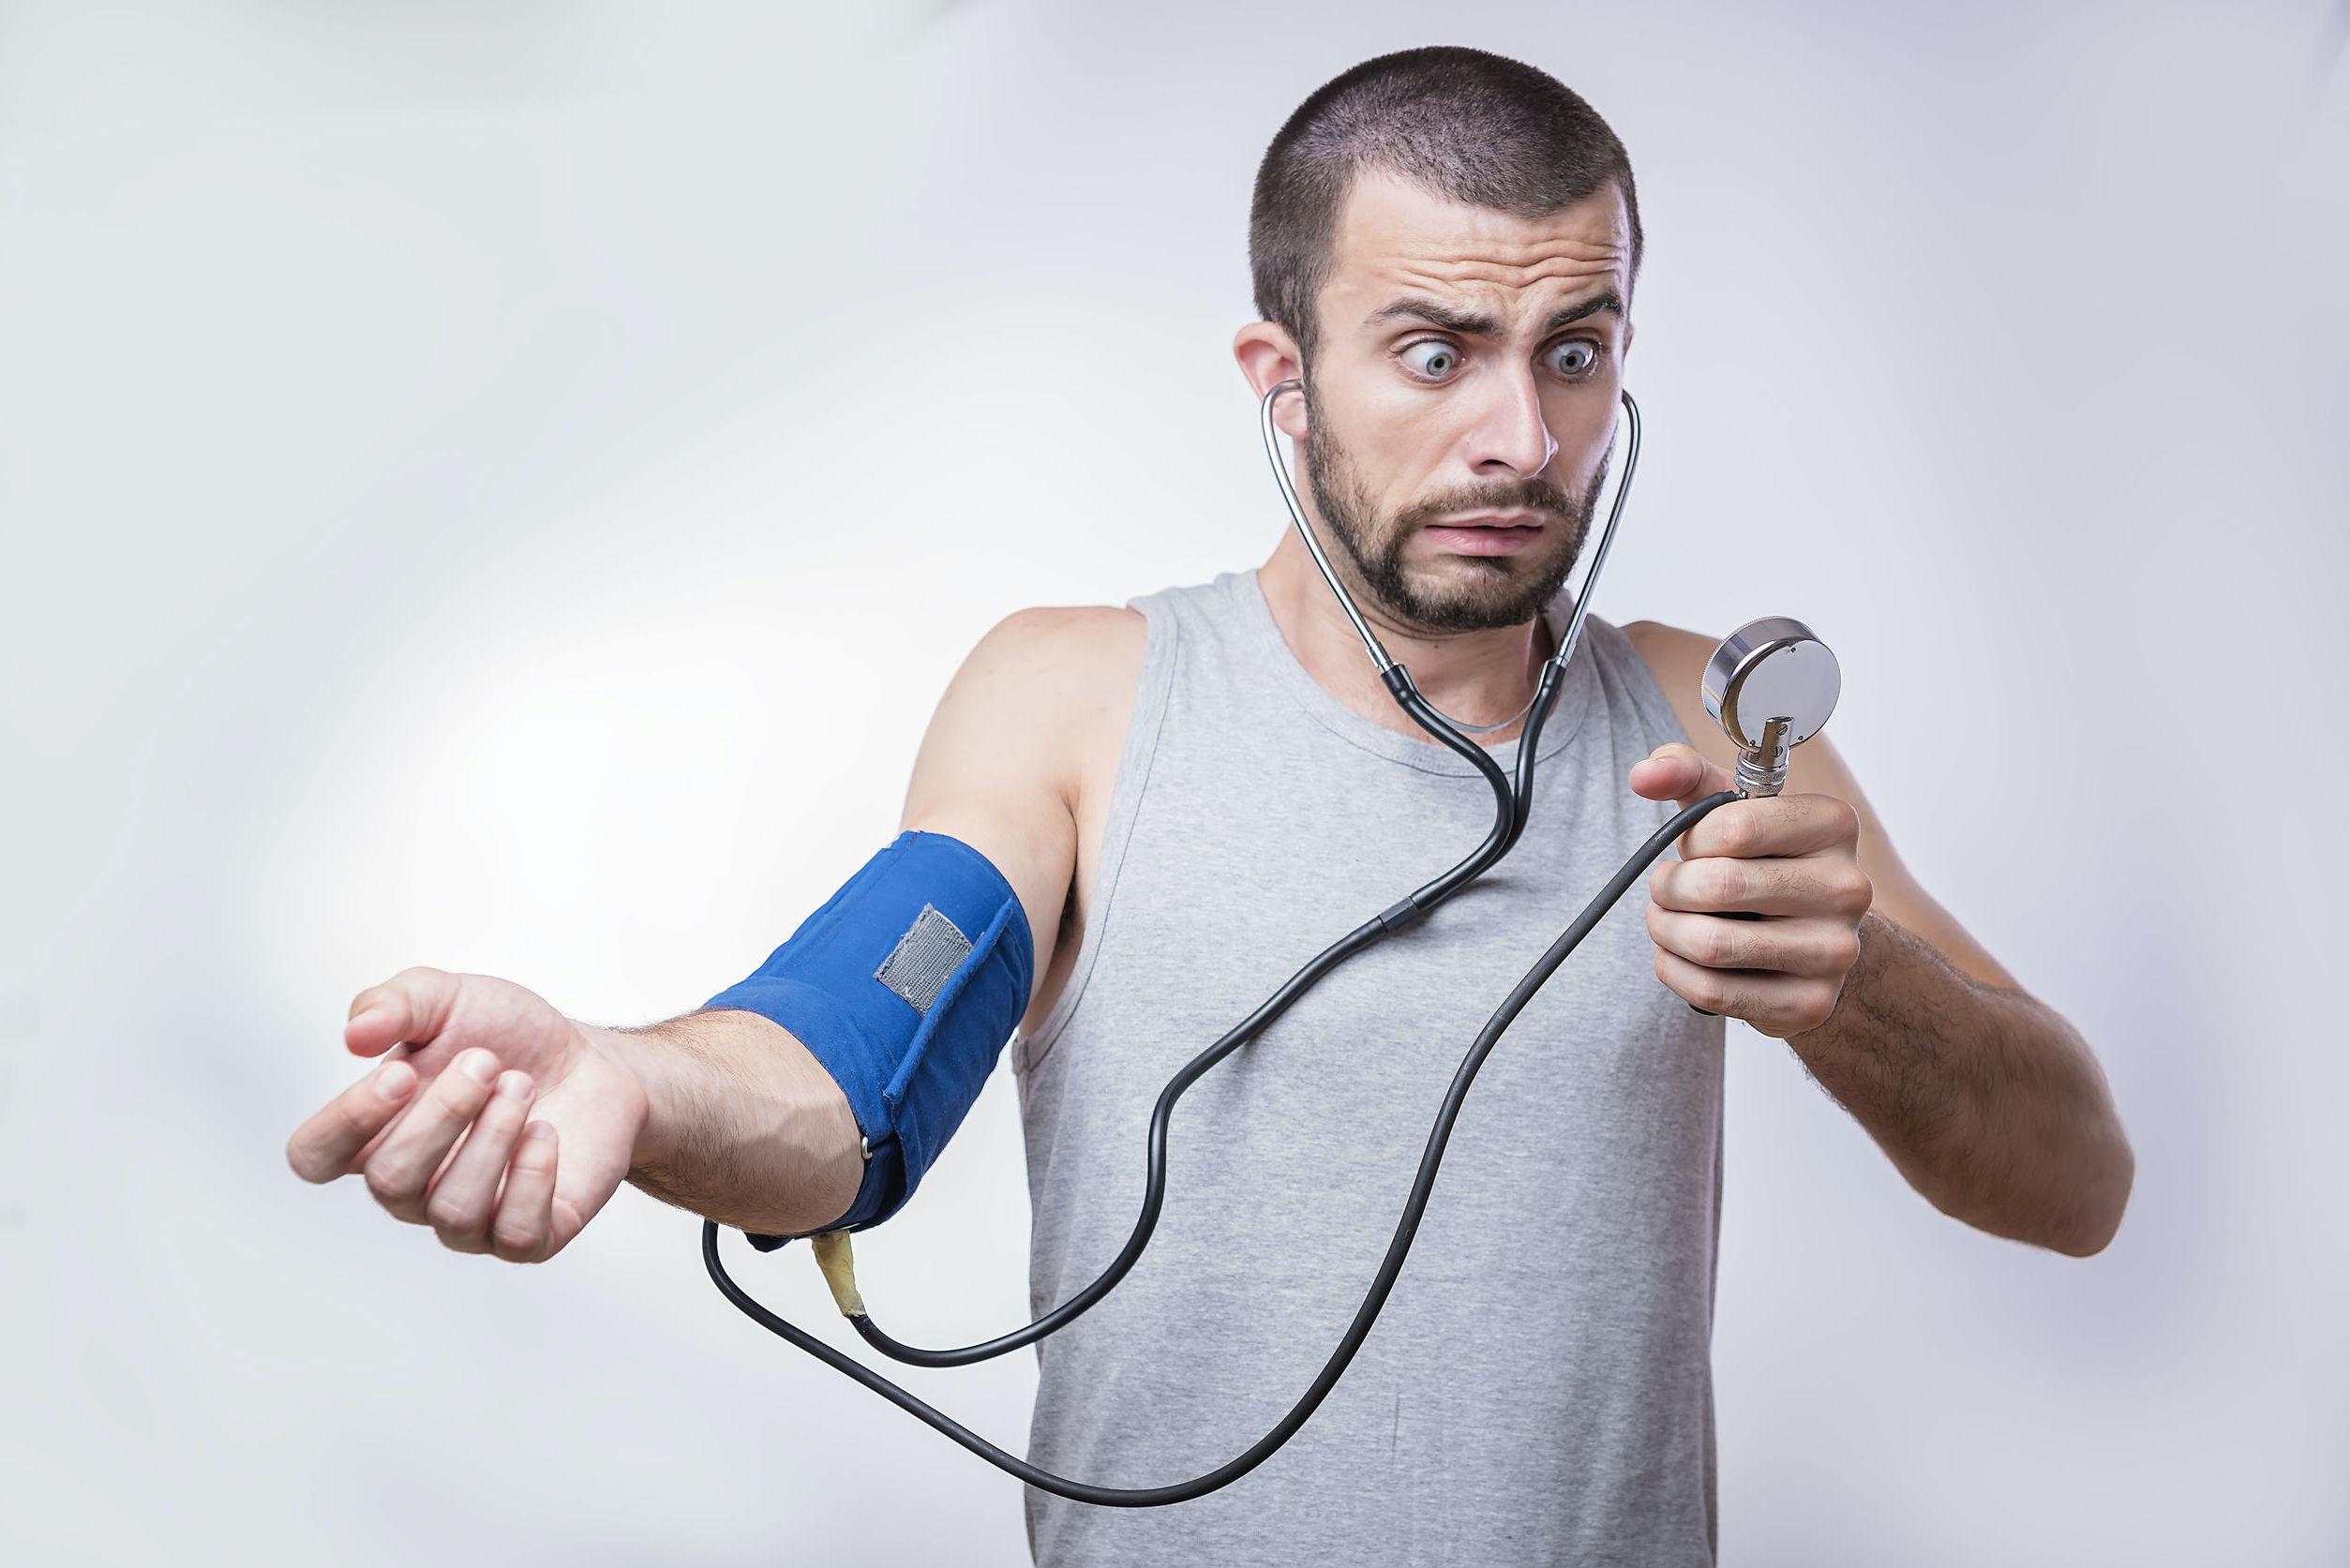 örökletes magas vérnyomás elleni gyógyszerek